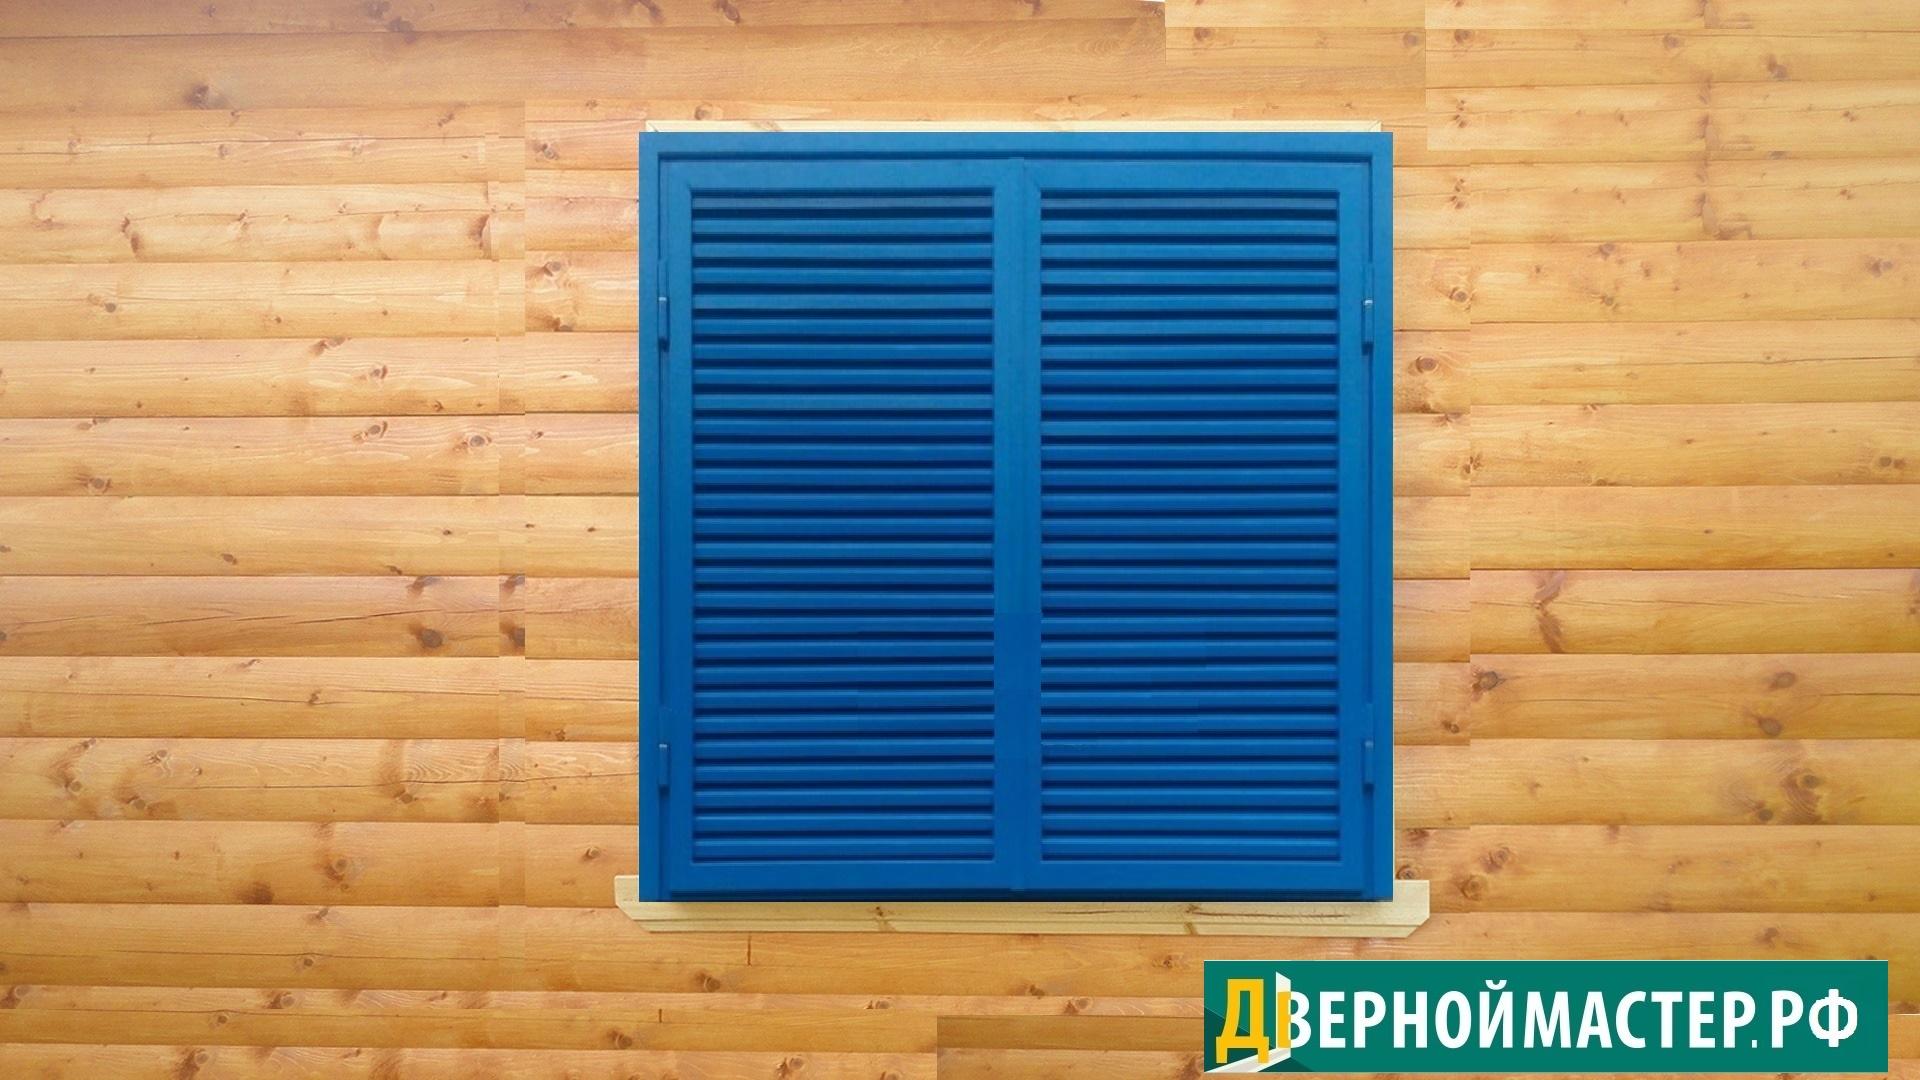 Металлические ставни жалюзи синего цвета на деревянном доме с отделкой блокхаусом